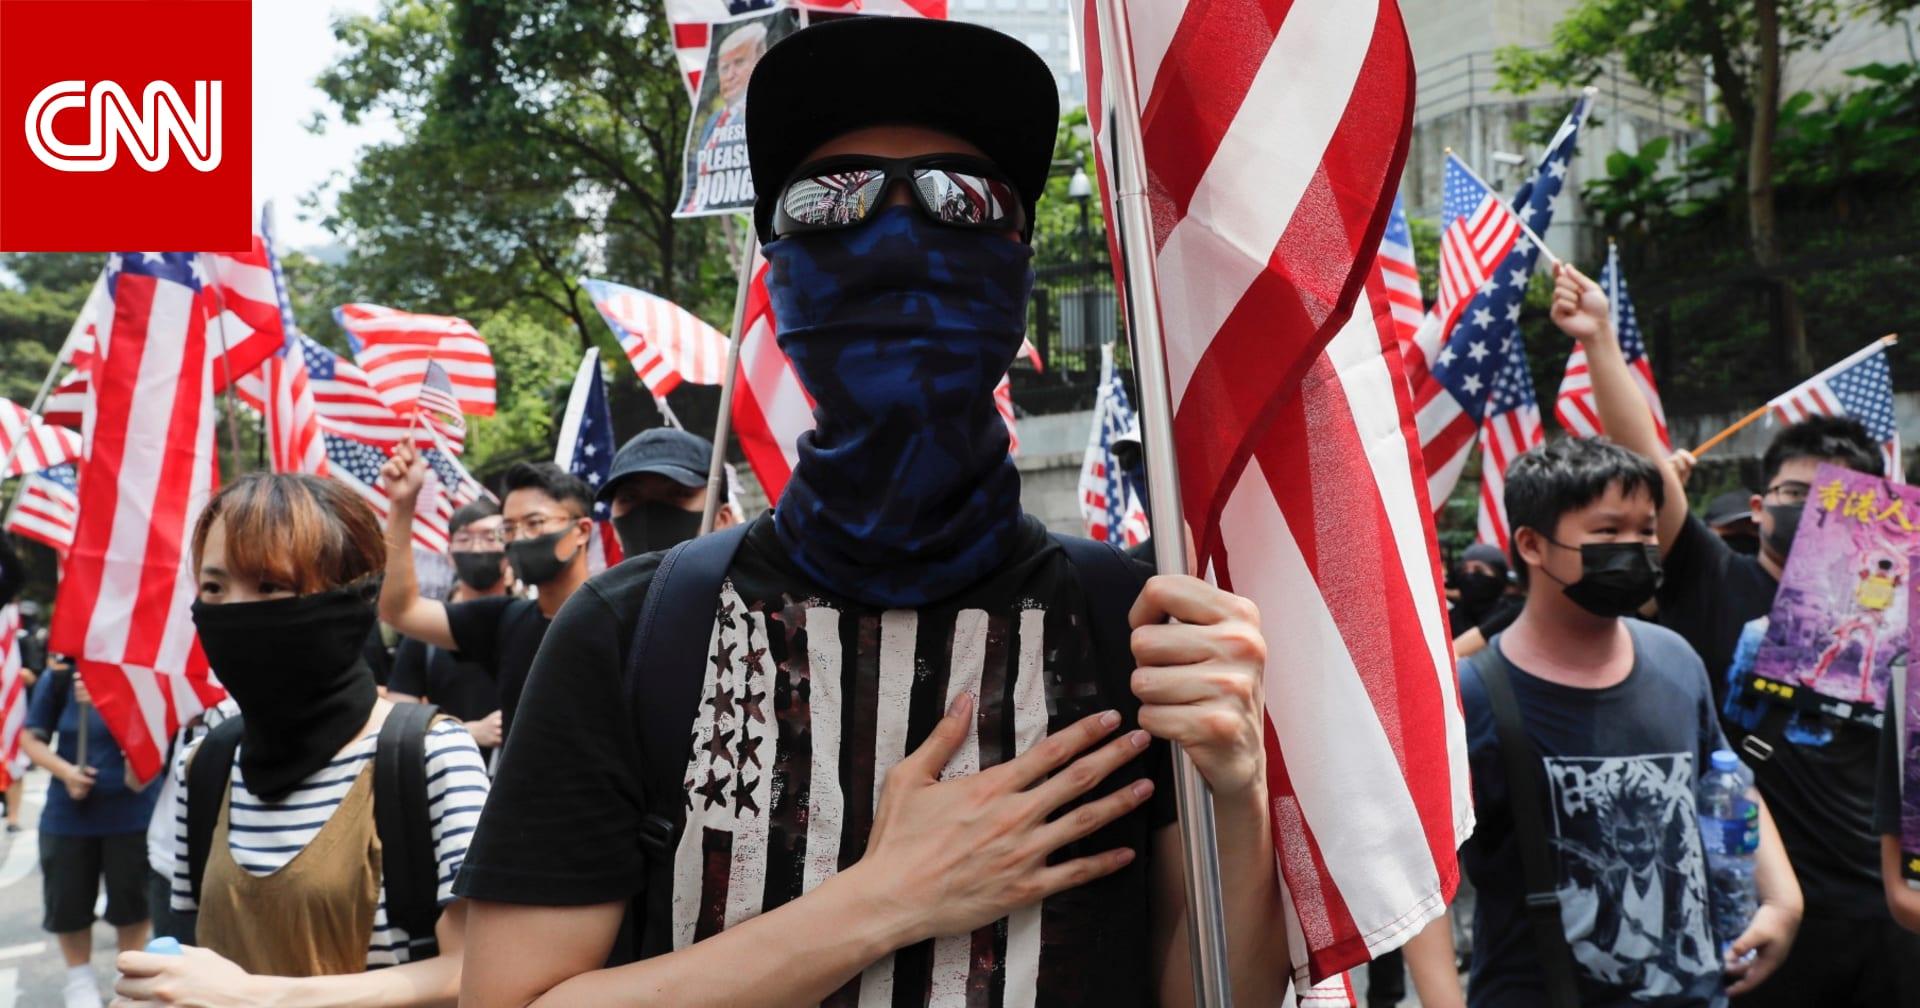 متظاهرو هونغ كونغ يتوجهون لقنصلية أمريكا لطلب مساعدة ترامب